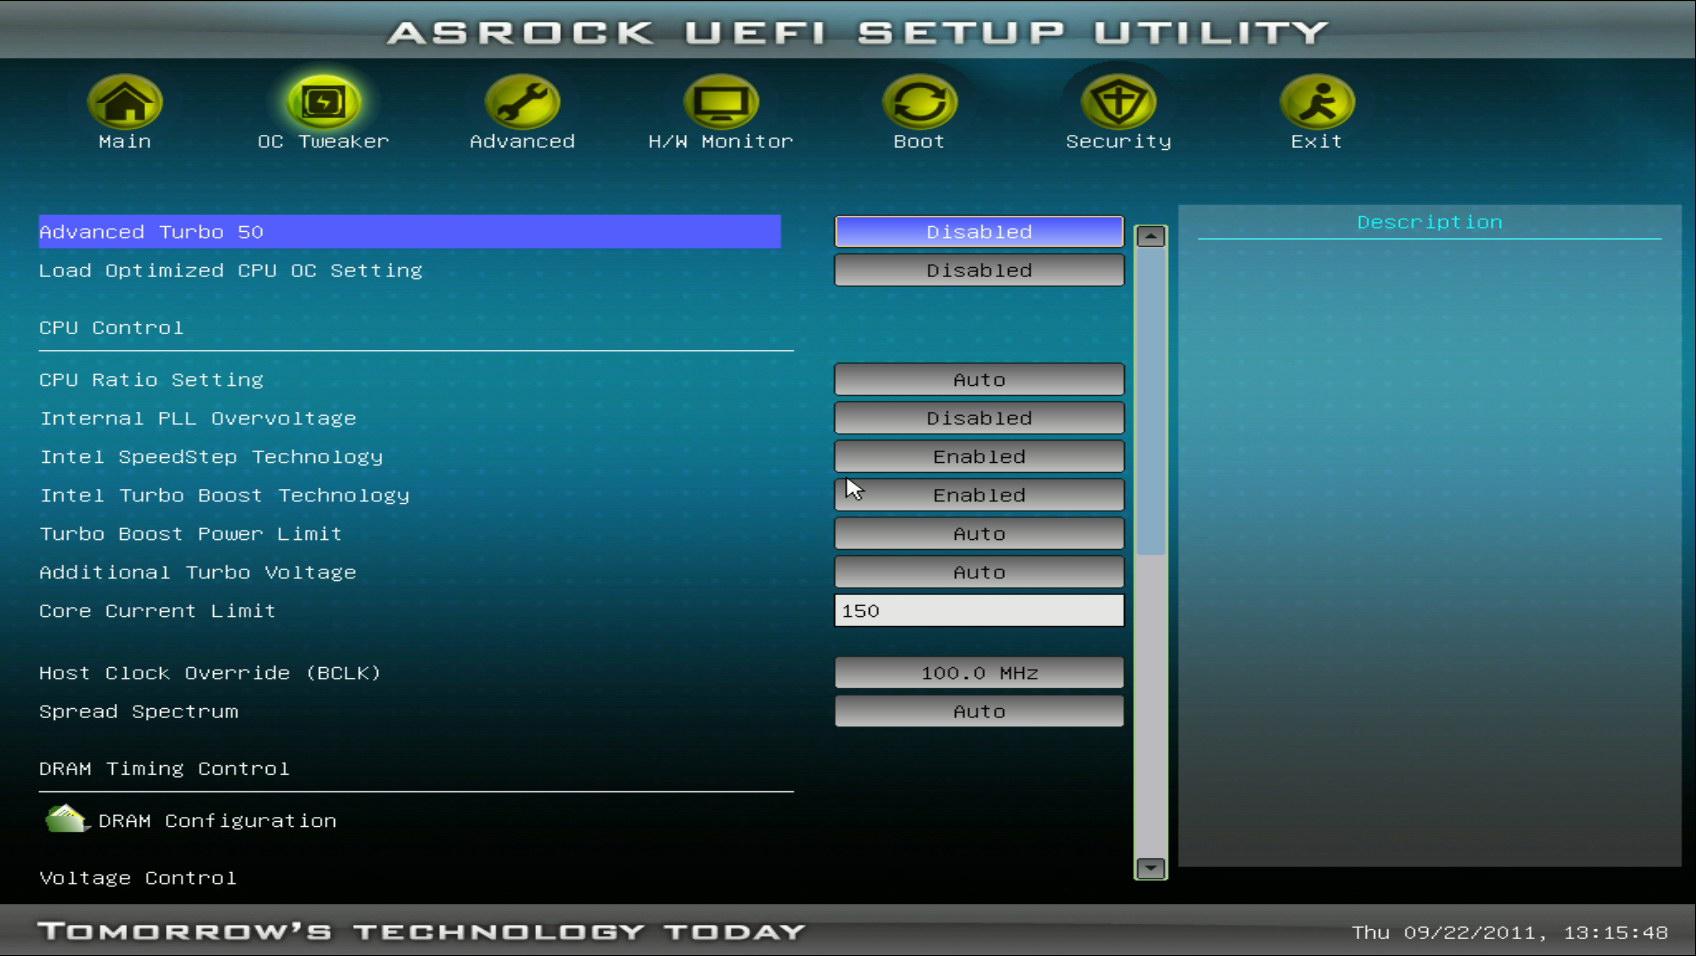 V-podrazdele-Advanced-Turbo-50-vystavlyaetsya-pokazatel-razgona-centralnogo-processora-i-operativnoj-pamyati-PK.jpg